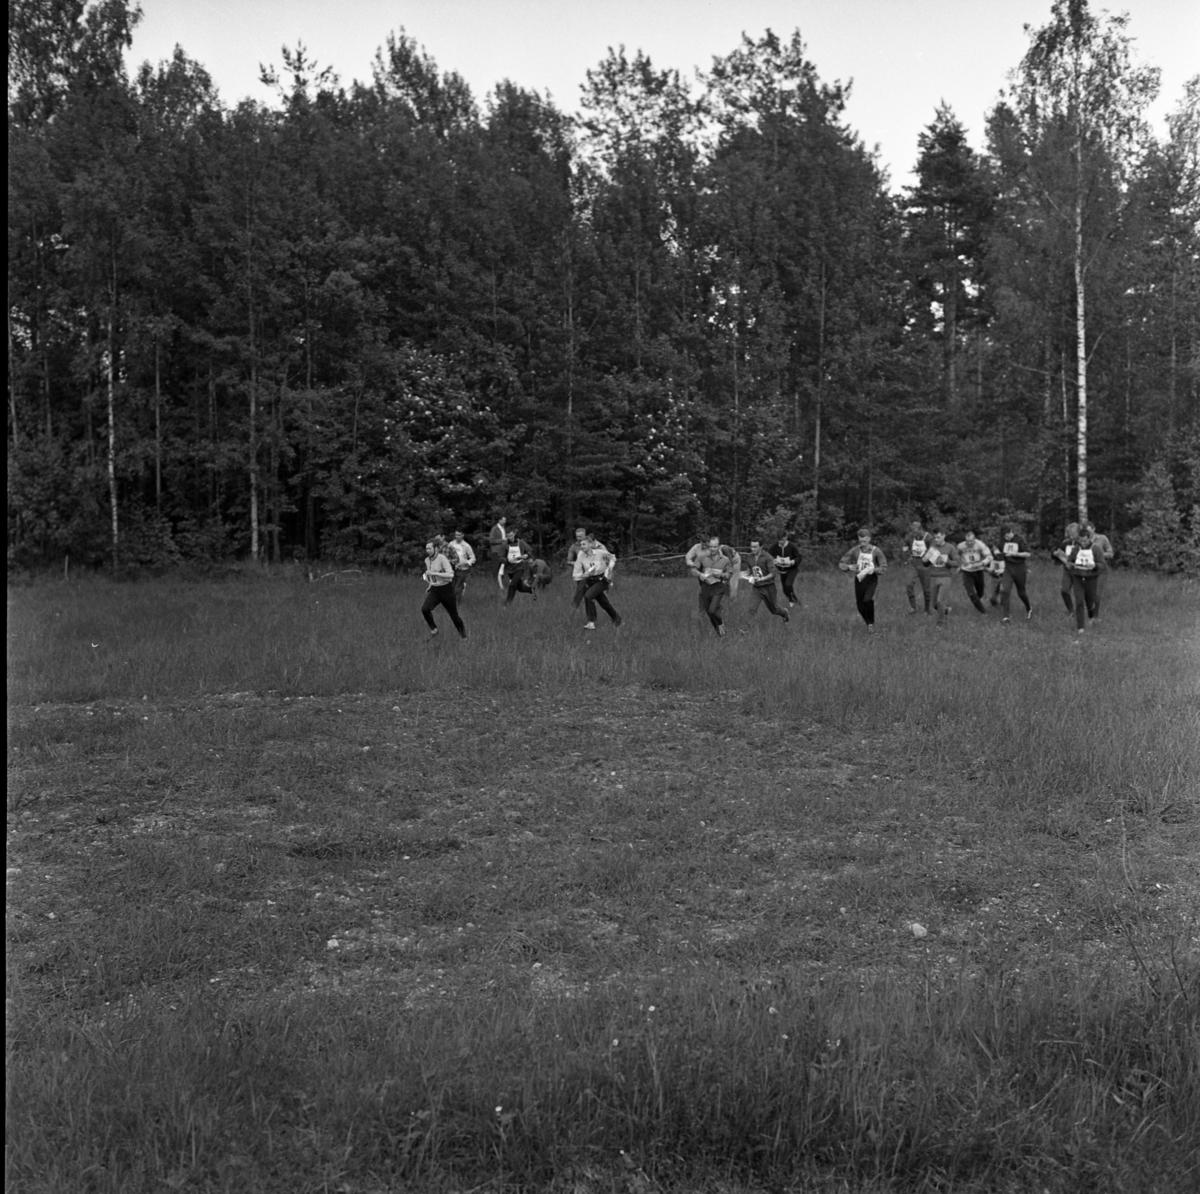 Tele-kaveln. En orienteringstävling. Orienterare, med nummerlappar, kommer löpande ur skogen. De har sina kartor i händerna.